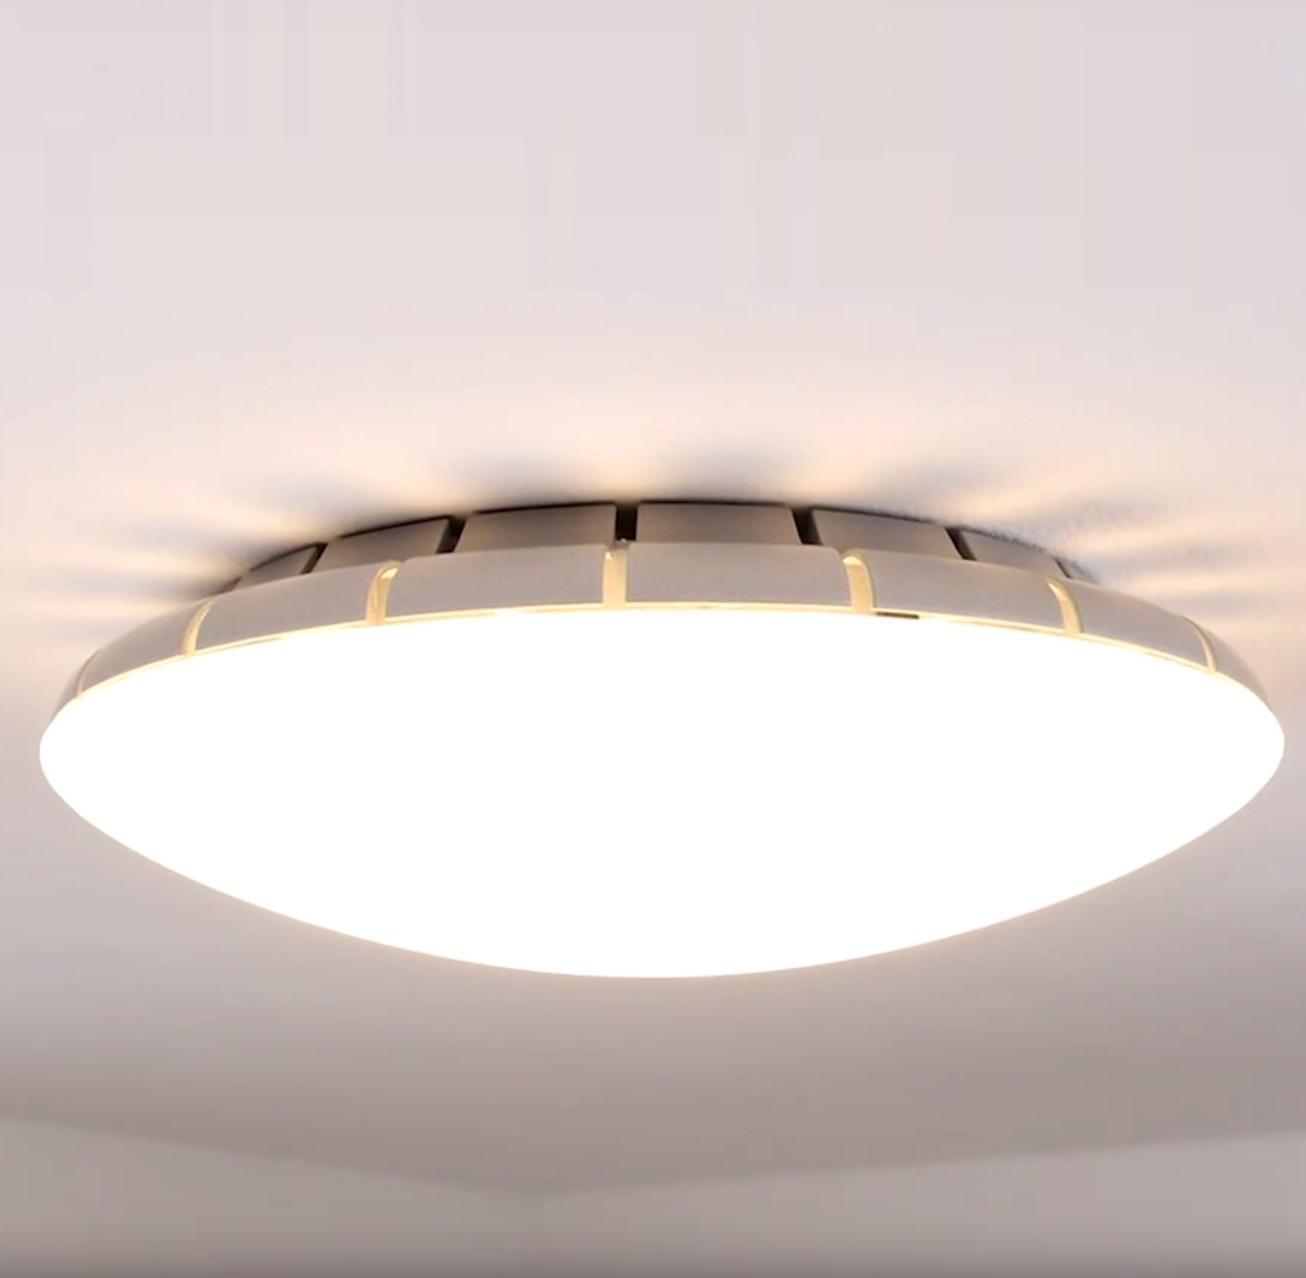 Erfreut Wie Man Beleuchtungskörper Installiert Ideen - Elektrische ...